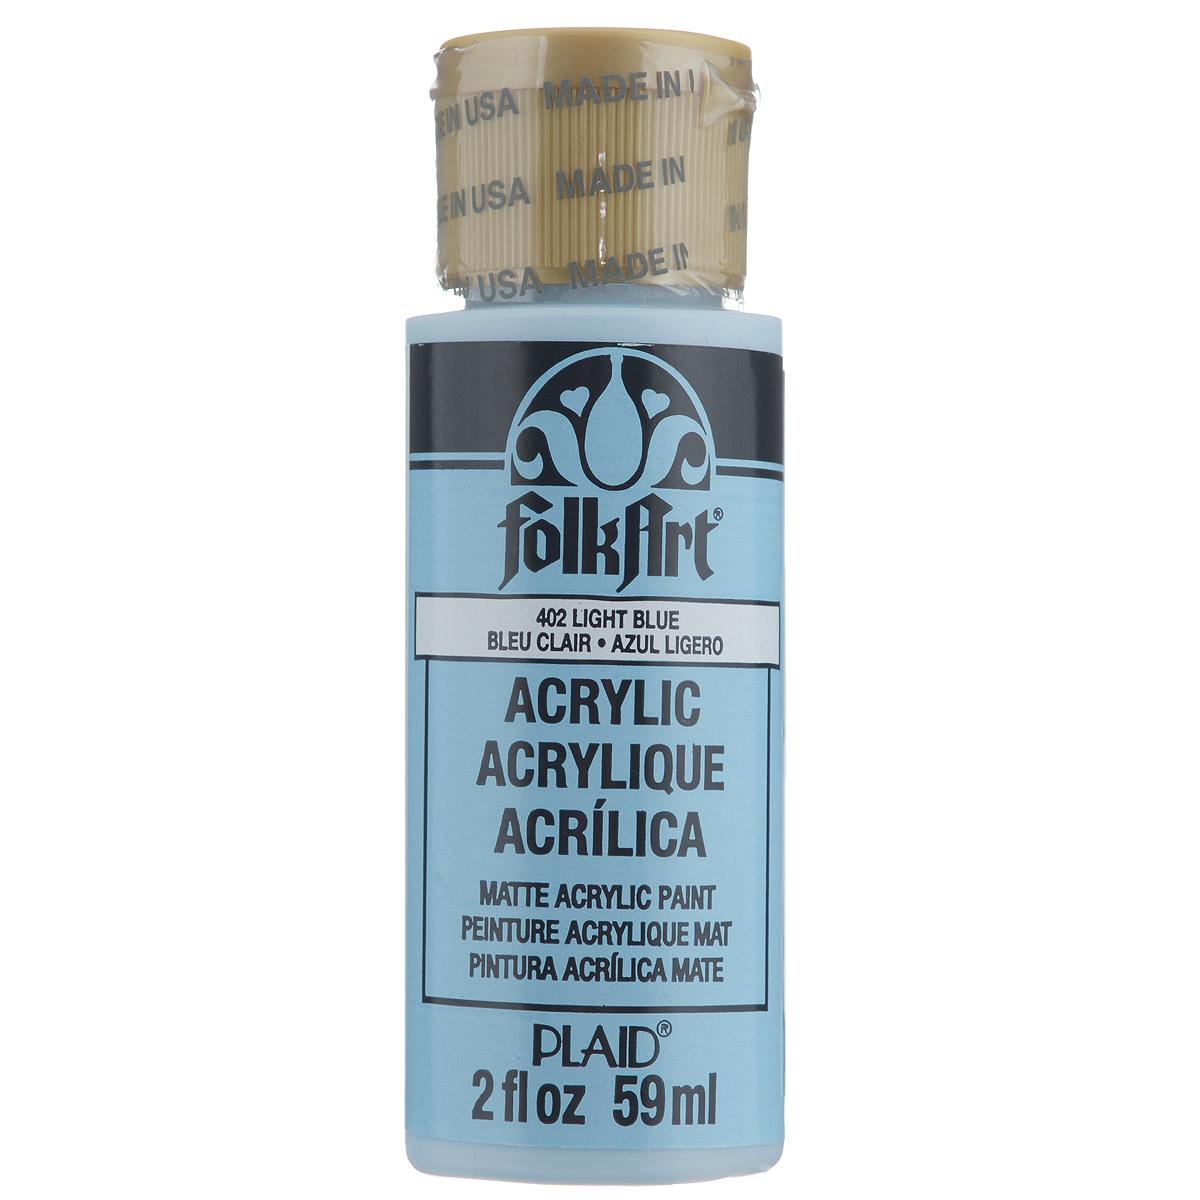 Акриловая краска FolkArt, цвет: светло-голубой, 59 млFS-00103Акриловая краска FolkArt выполнена на водной основе и предназначена для рисования на пористых поверхностях. Возможно нанесение на ткань, стекло и керамику при использовании со специальными составами-медиумами. Стойкое окрашивание, однородная консистенция. Краски разных цветов хорошо смешиваются между собой.Перед повторным нанесением краски дать высохнуть в течение 1 часа. До высыхания может быть смыта водой с мылом. Объем: 59 мл.